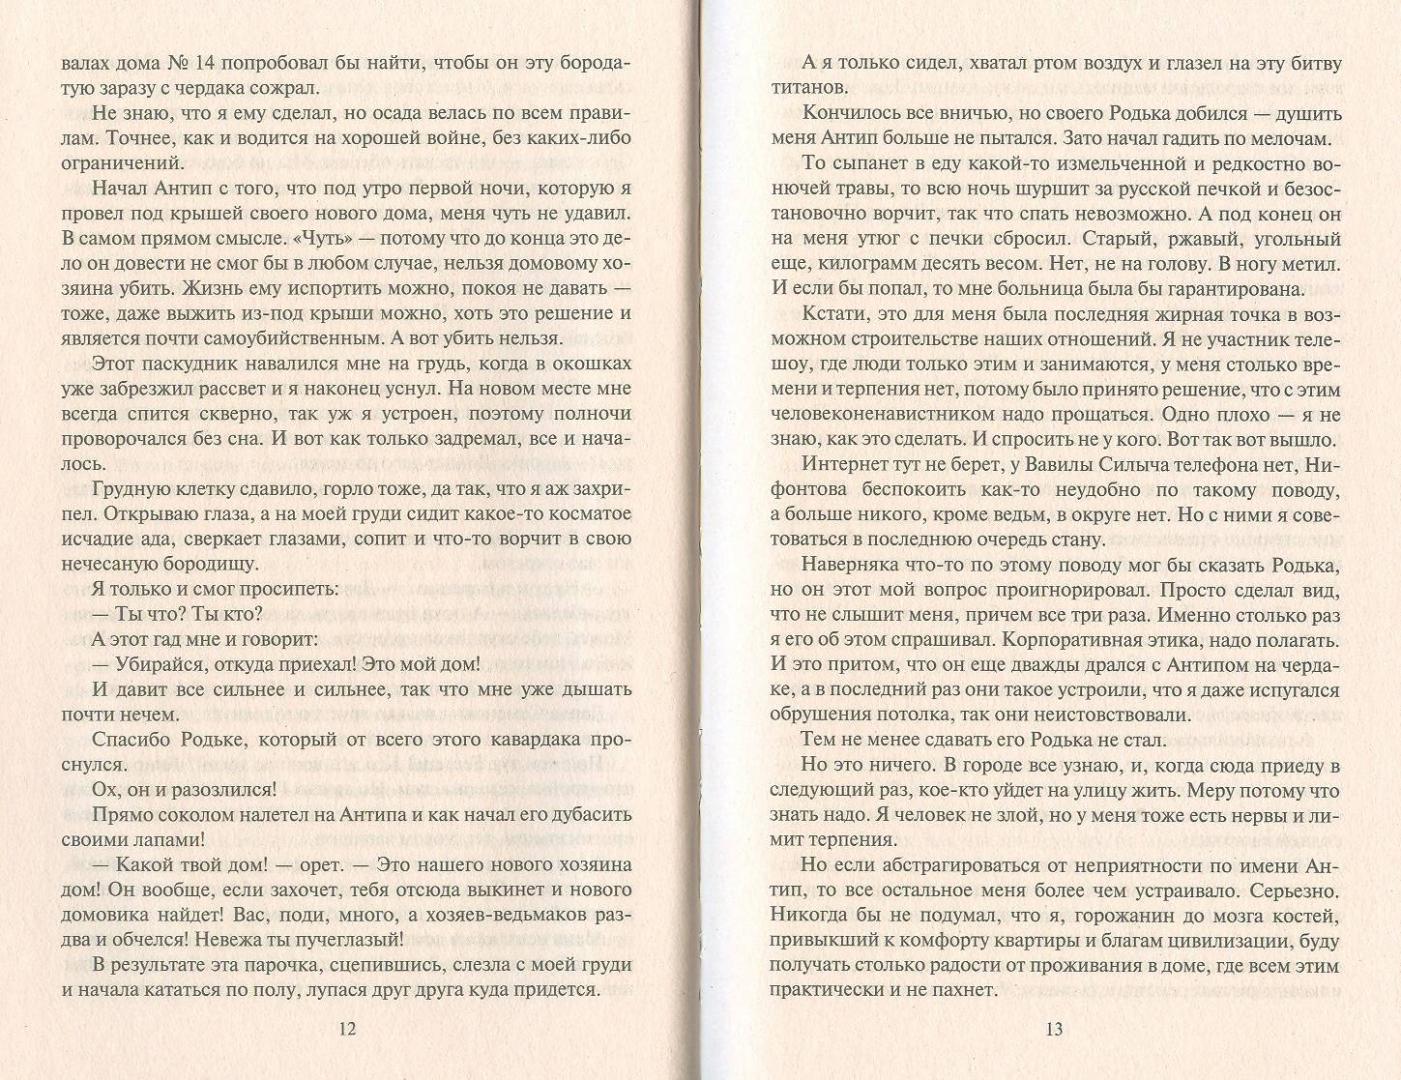 Иллюстрация 27 из 30 для Знаки Ночи - Андрей Васильев | Лабиринт - книги. Источник: Яровая Ирина